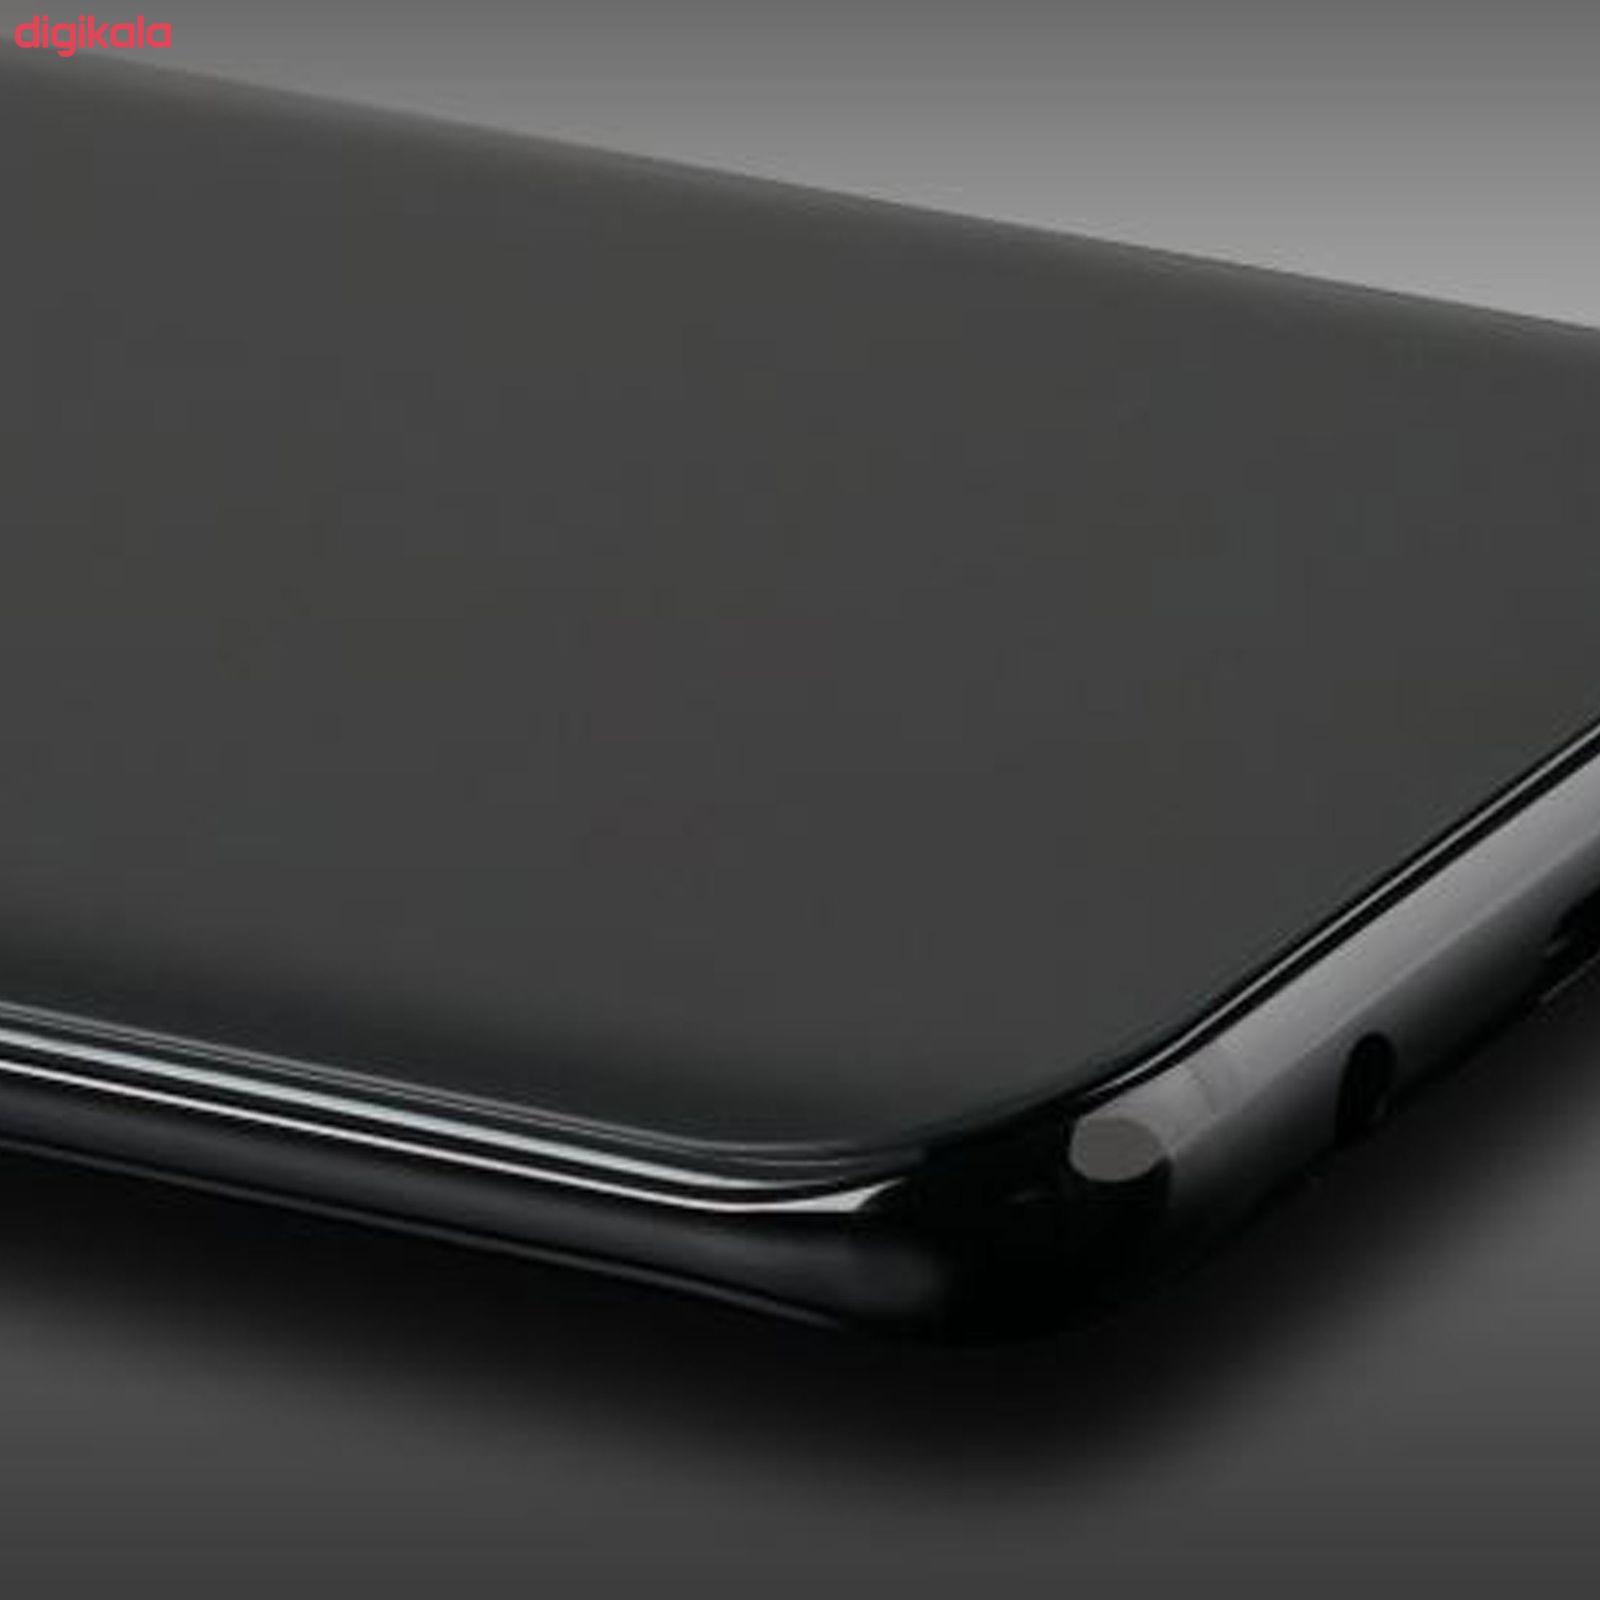 محافظ صفحه نمایش حریم شخصی ژنرال مدل GNprv-01 مناسب برای گوشی موبایل اپل IPhone 6 / 6s main 1 5